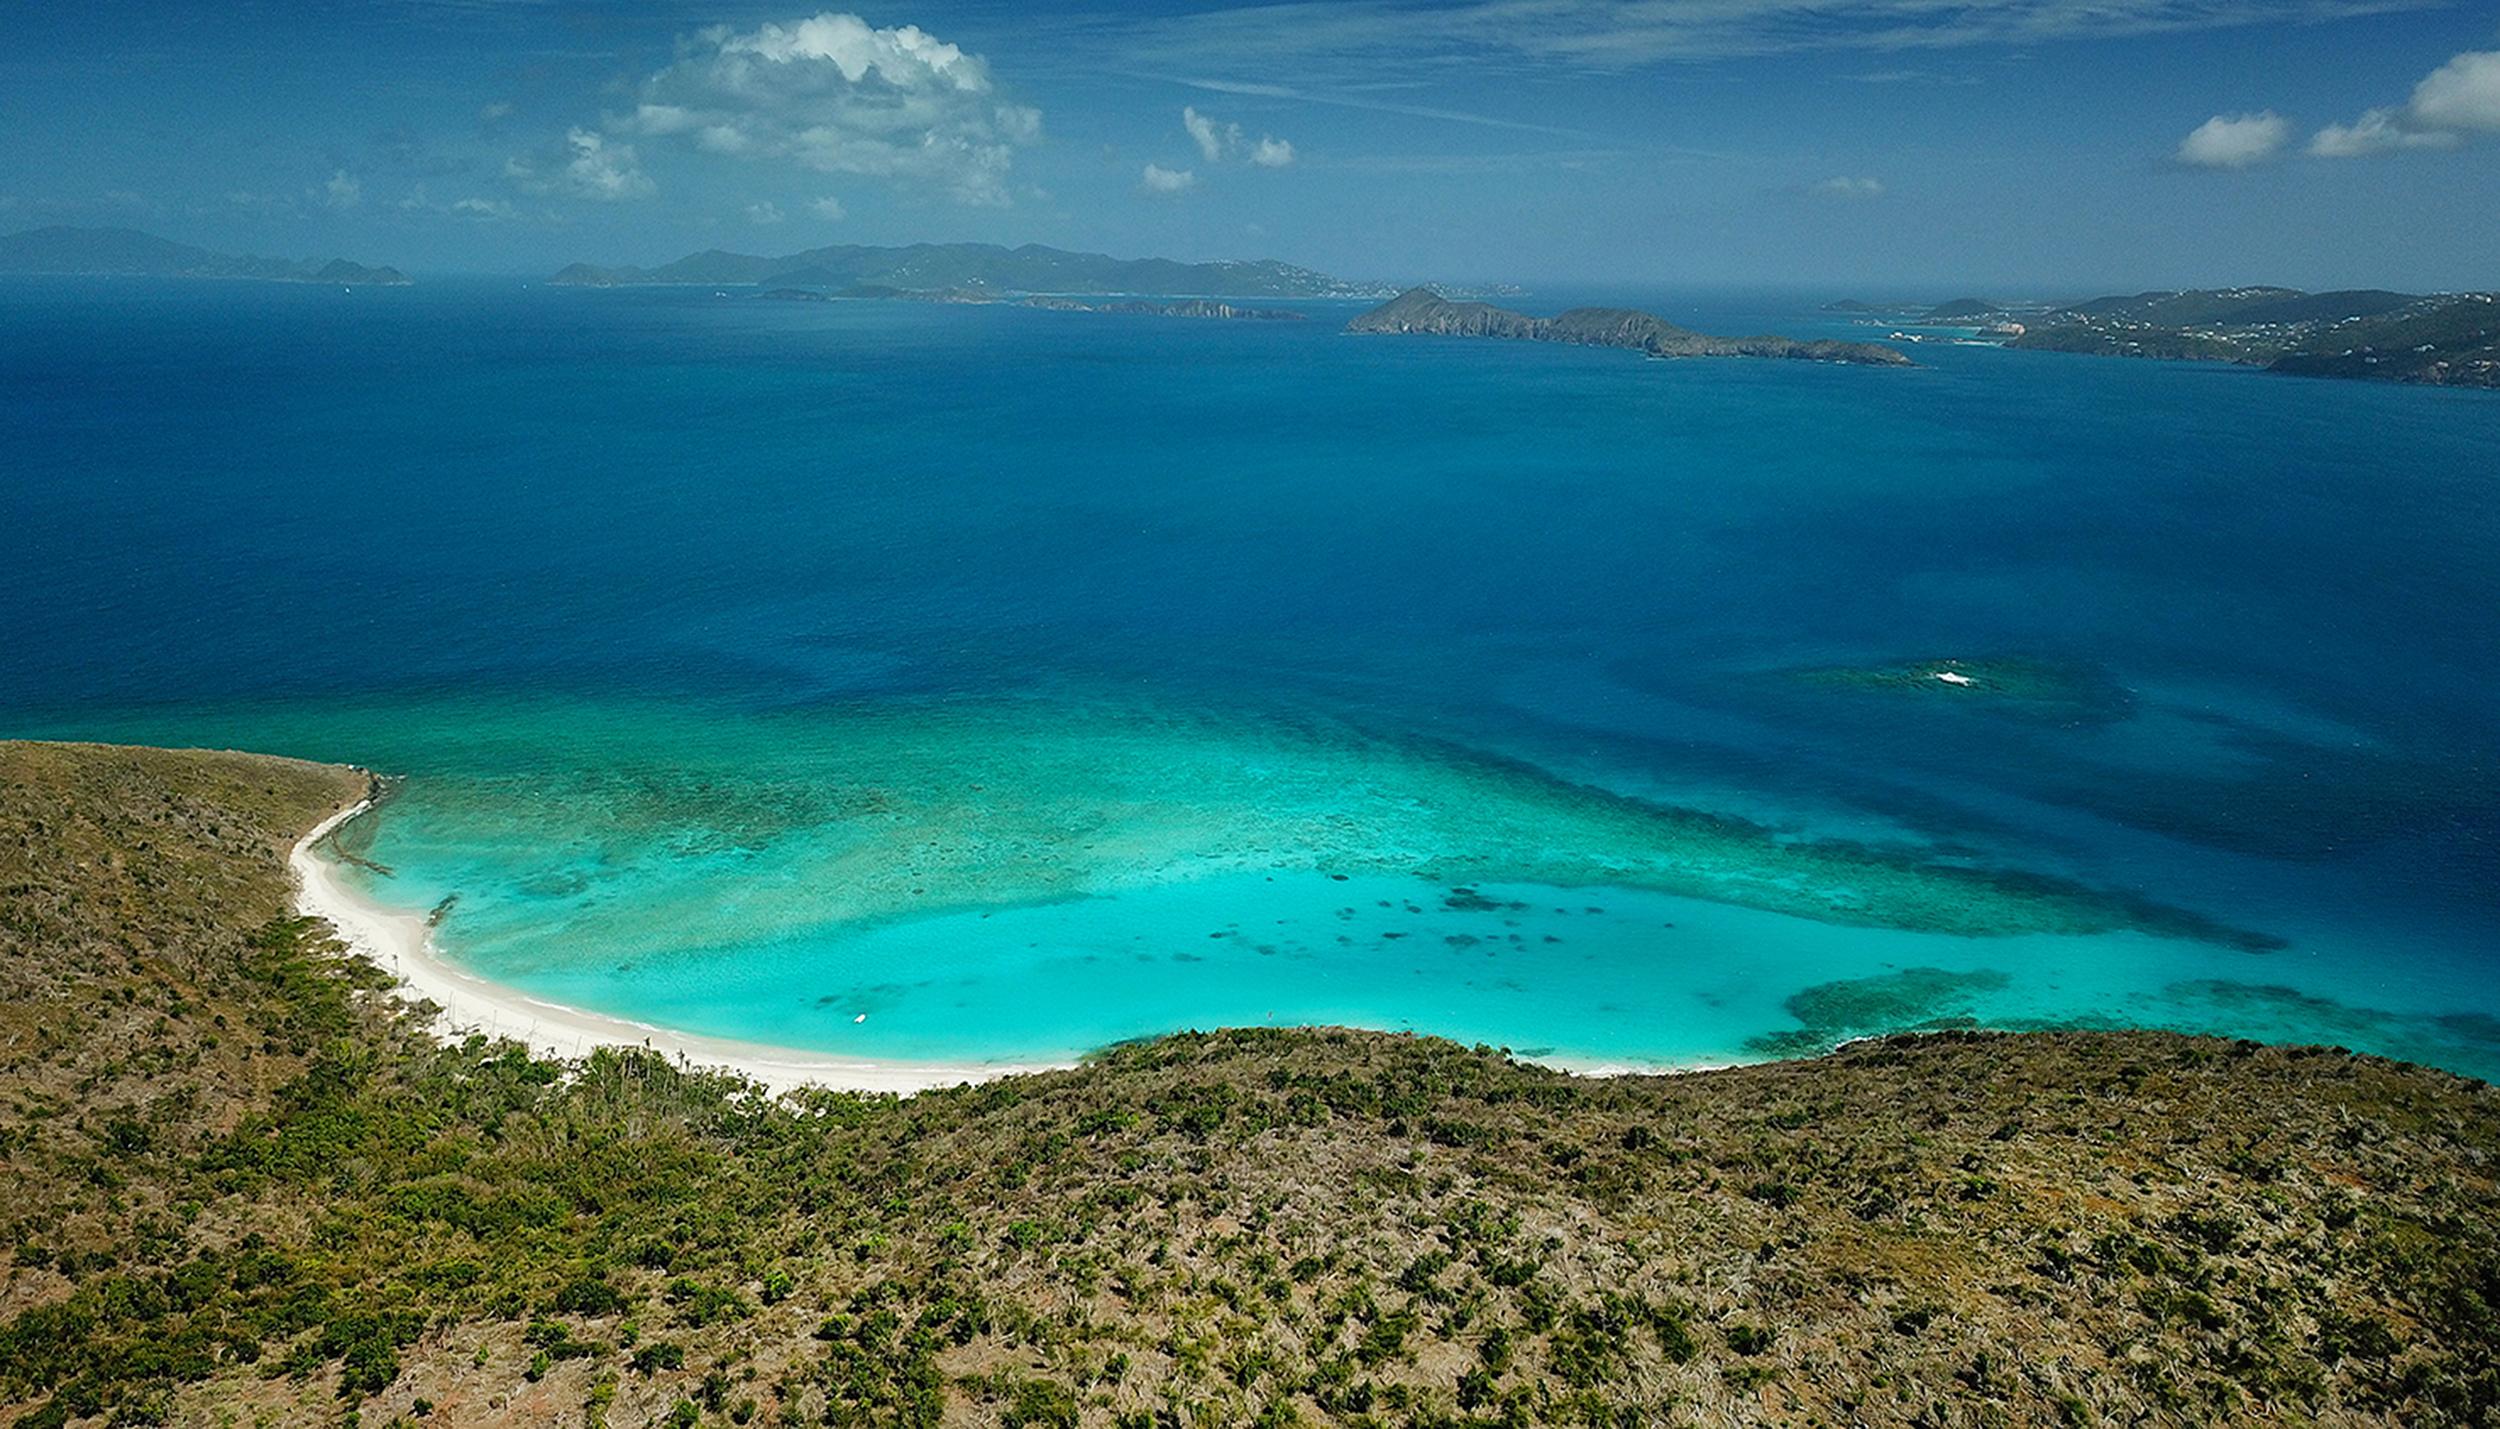 Virgin Island Adventures003.jpg - Villa Norbu Adventures - Beach wedding venues